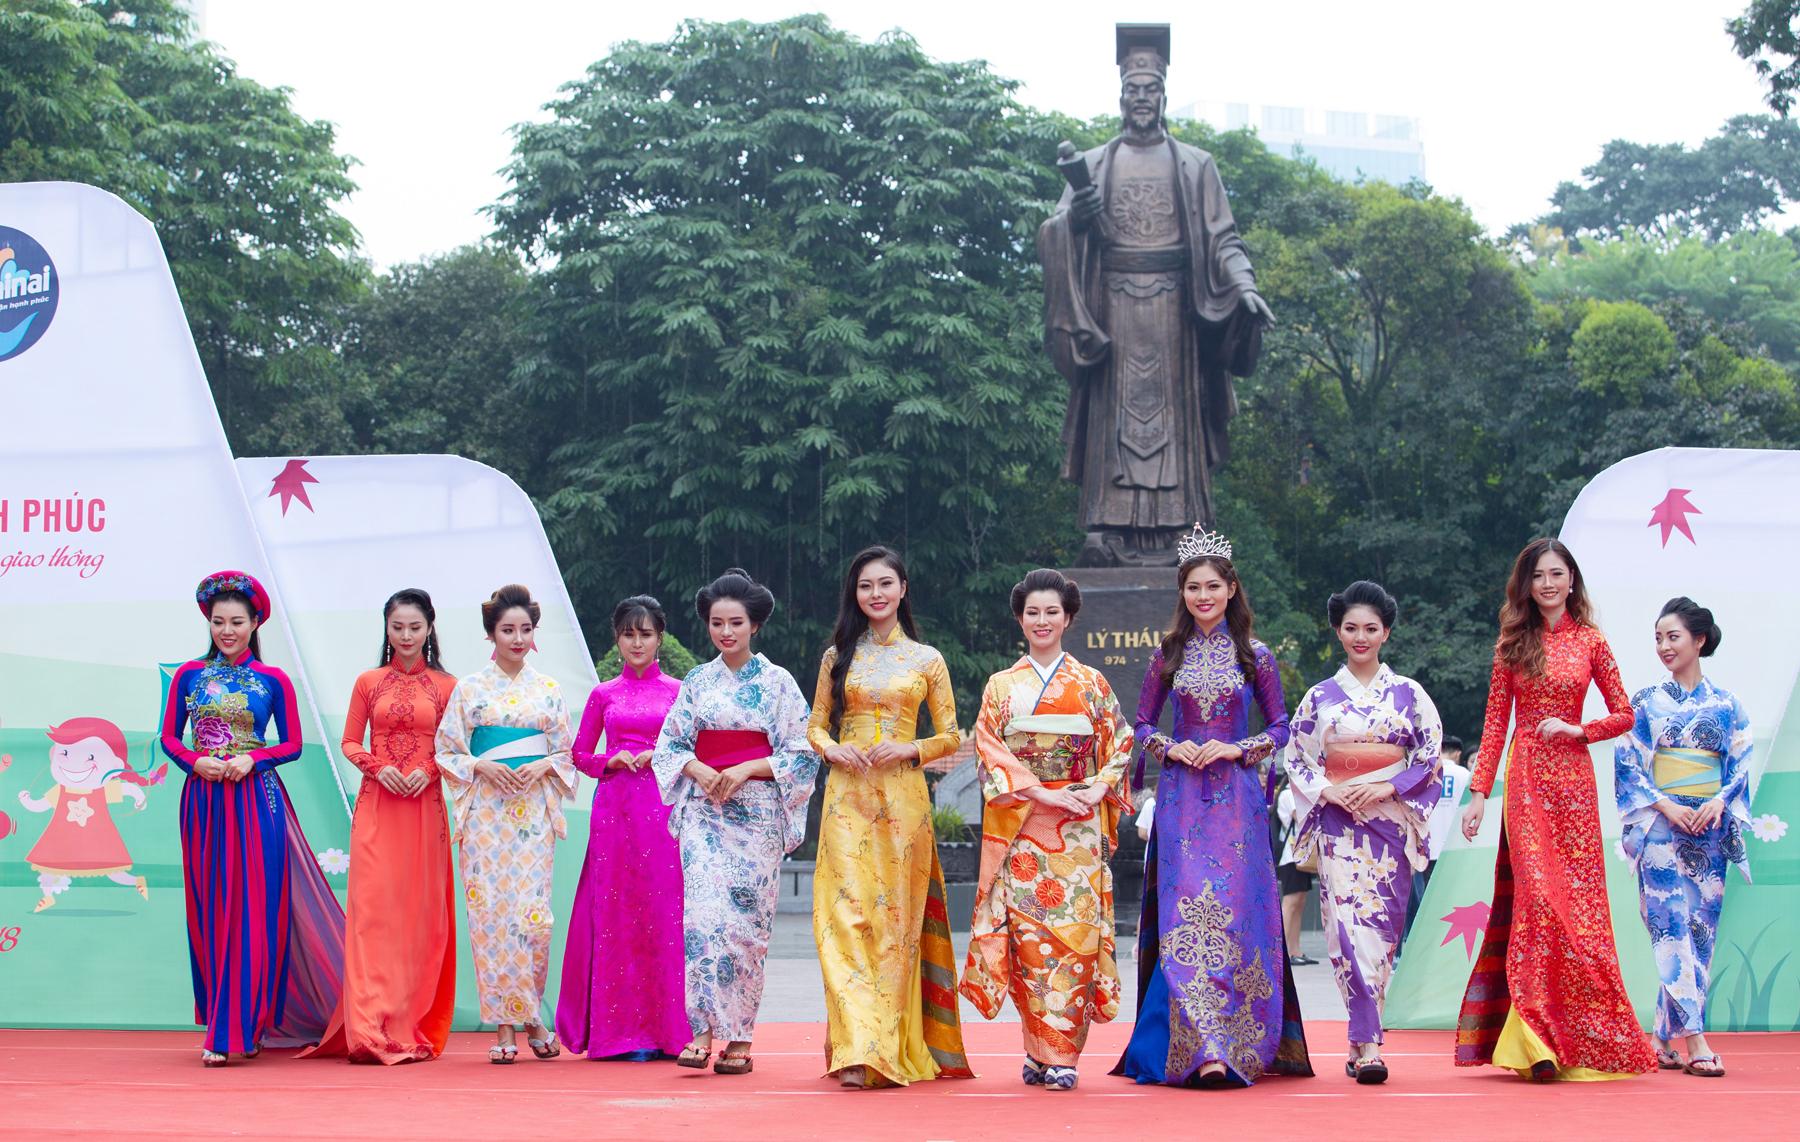 Dàn người mẫu, hoa khôi, diễn viên cùng tôn vẻ đẹp trang phục truyền thống của 2 đất nước Việt Nam và Nhật Bản